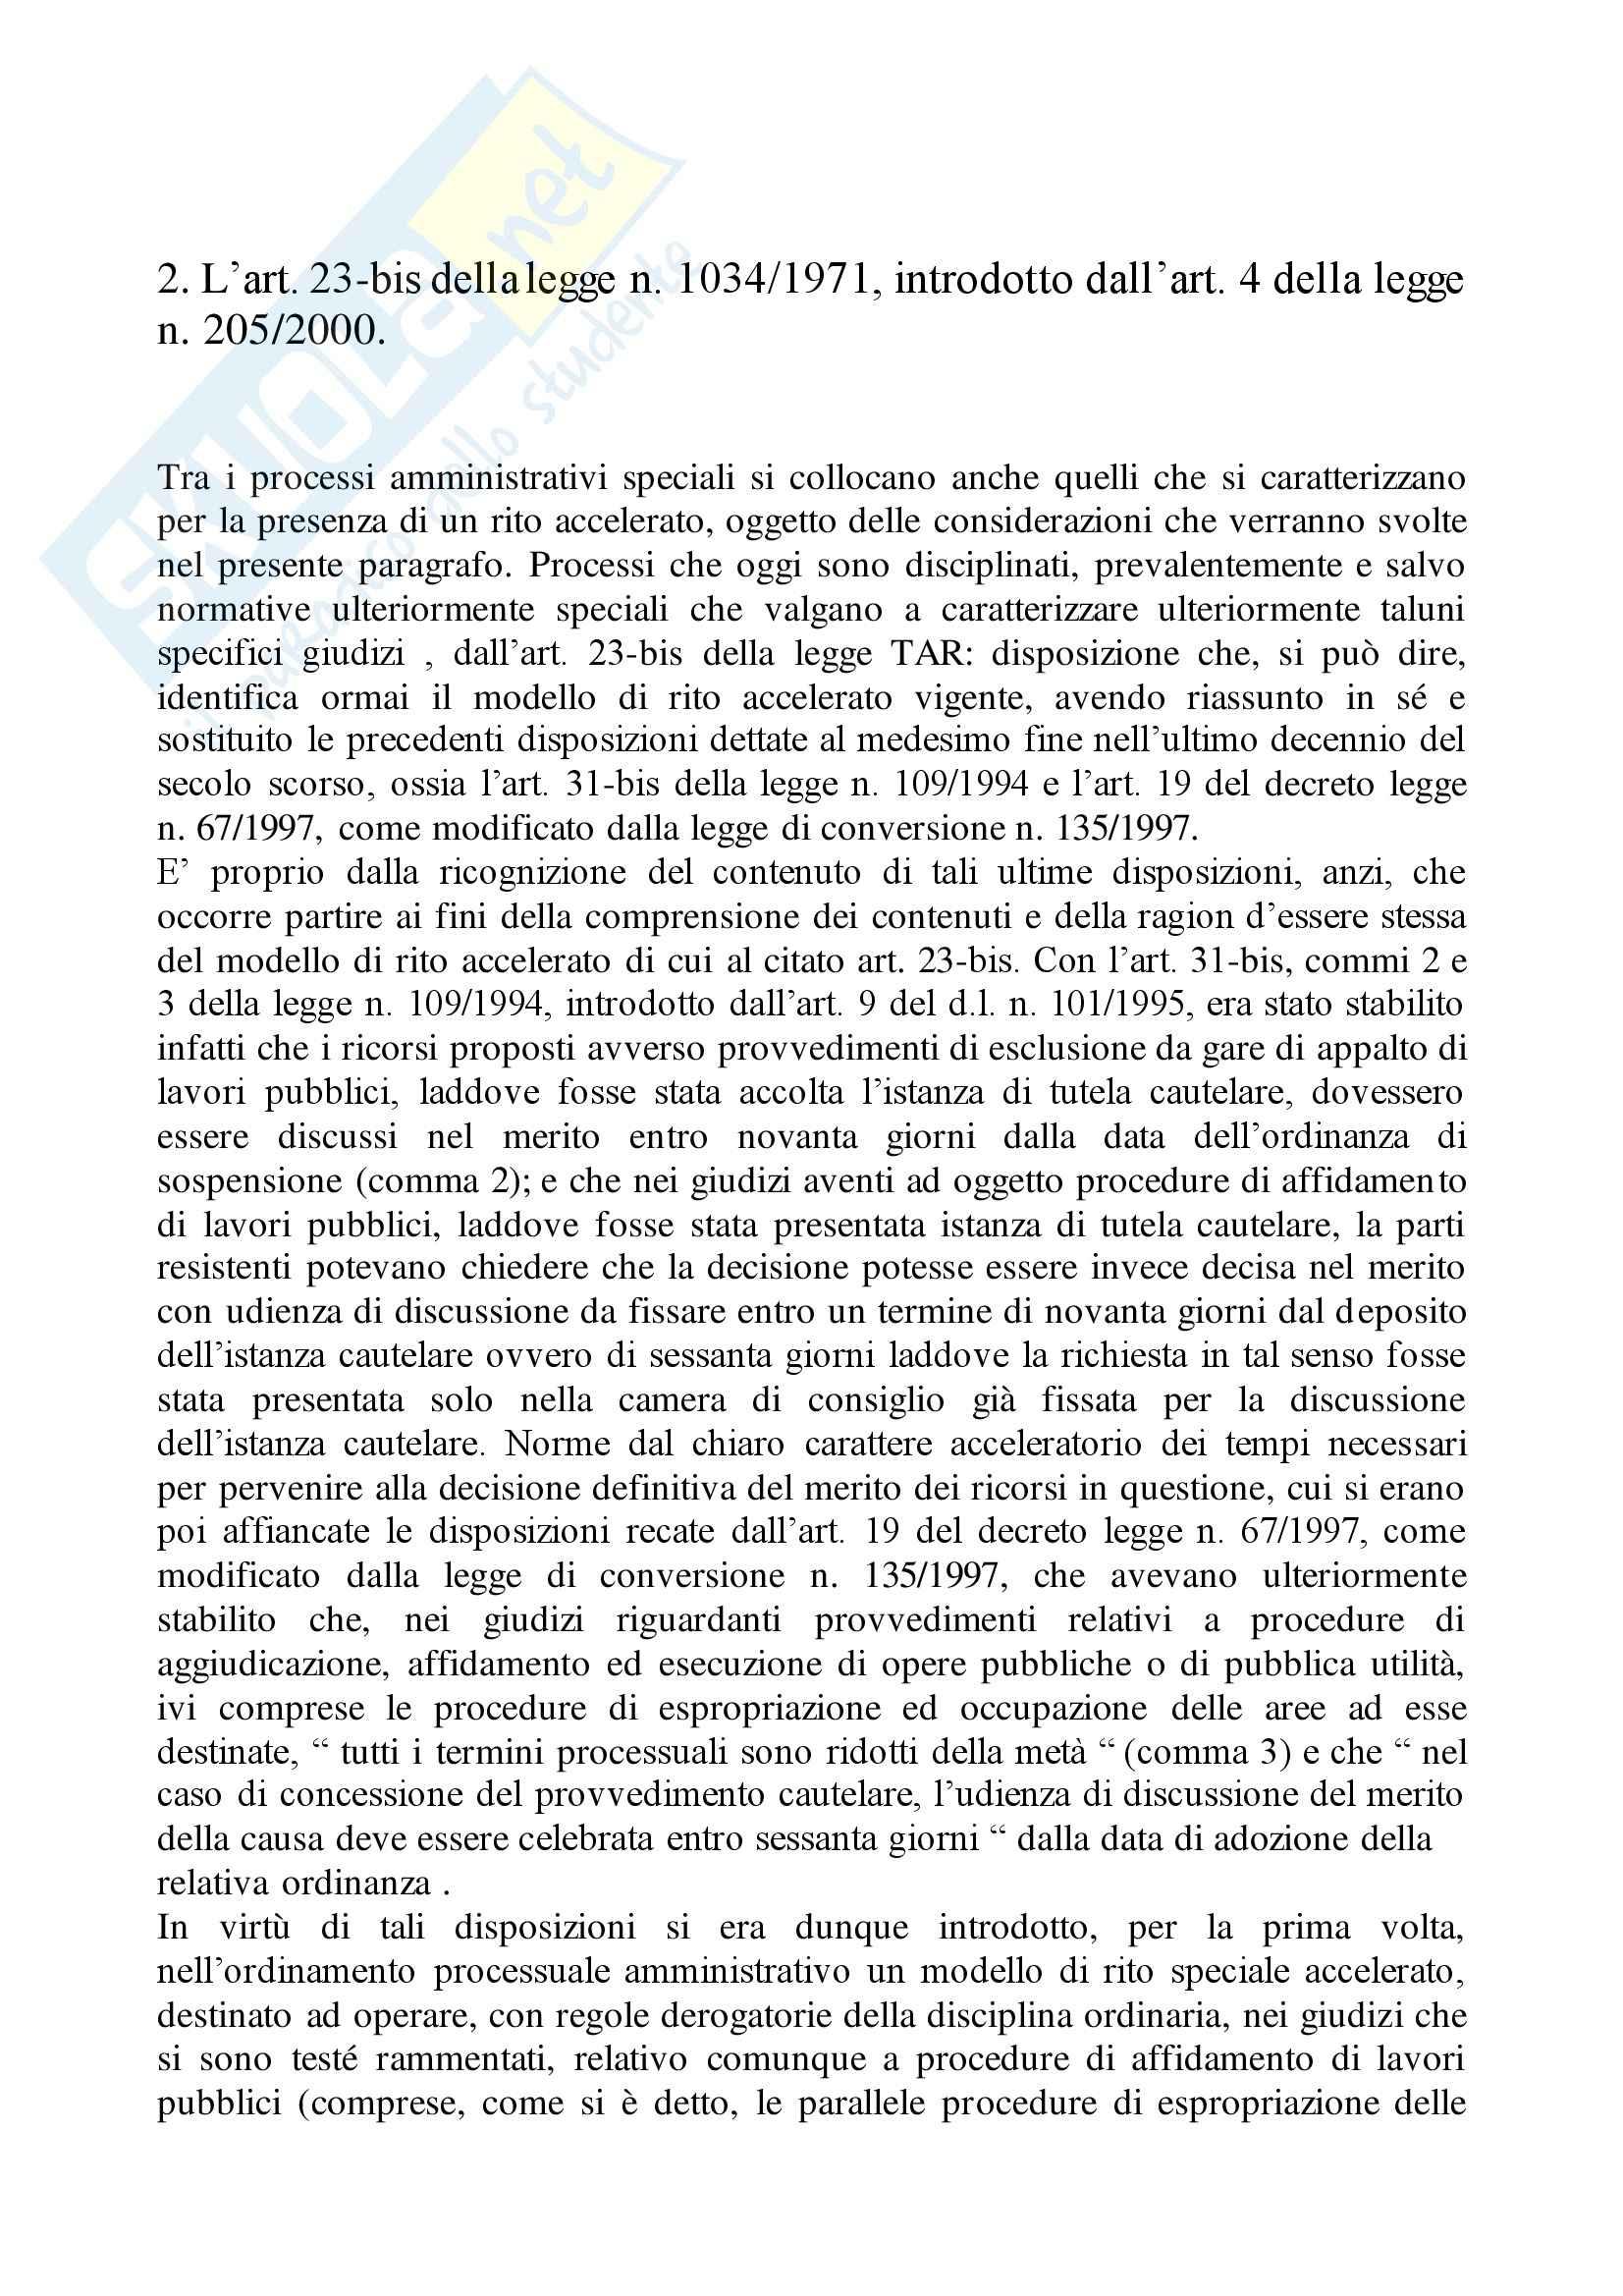 Diritto amministrativo - Articolo 23 bis legge 1034/1971